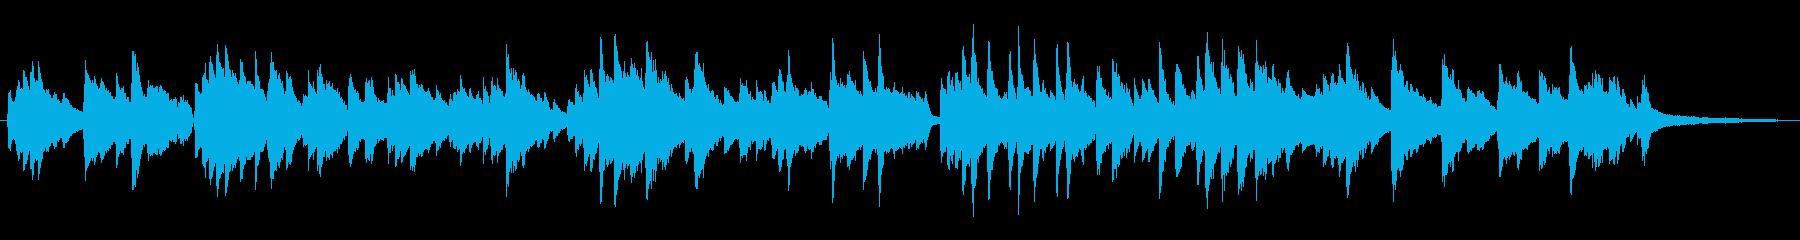 シンプルなラウンジ風ポピュラーピアノソロの再生済みの波形